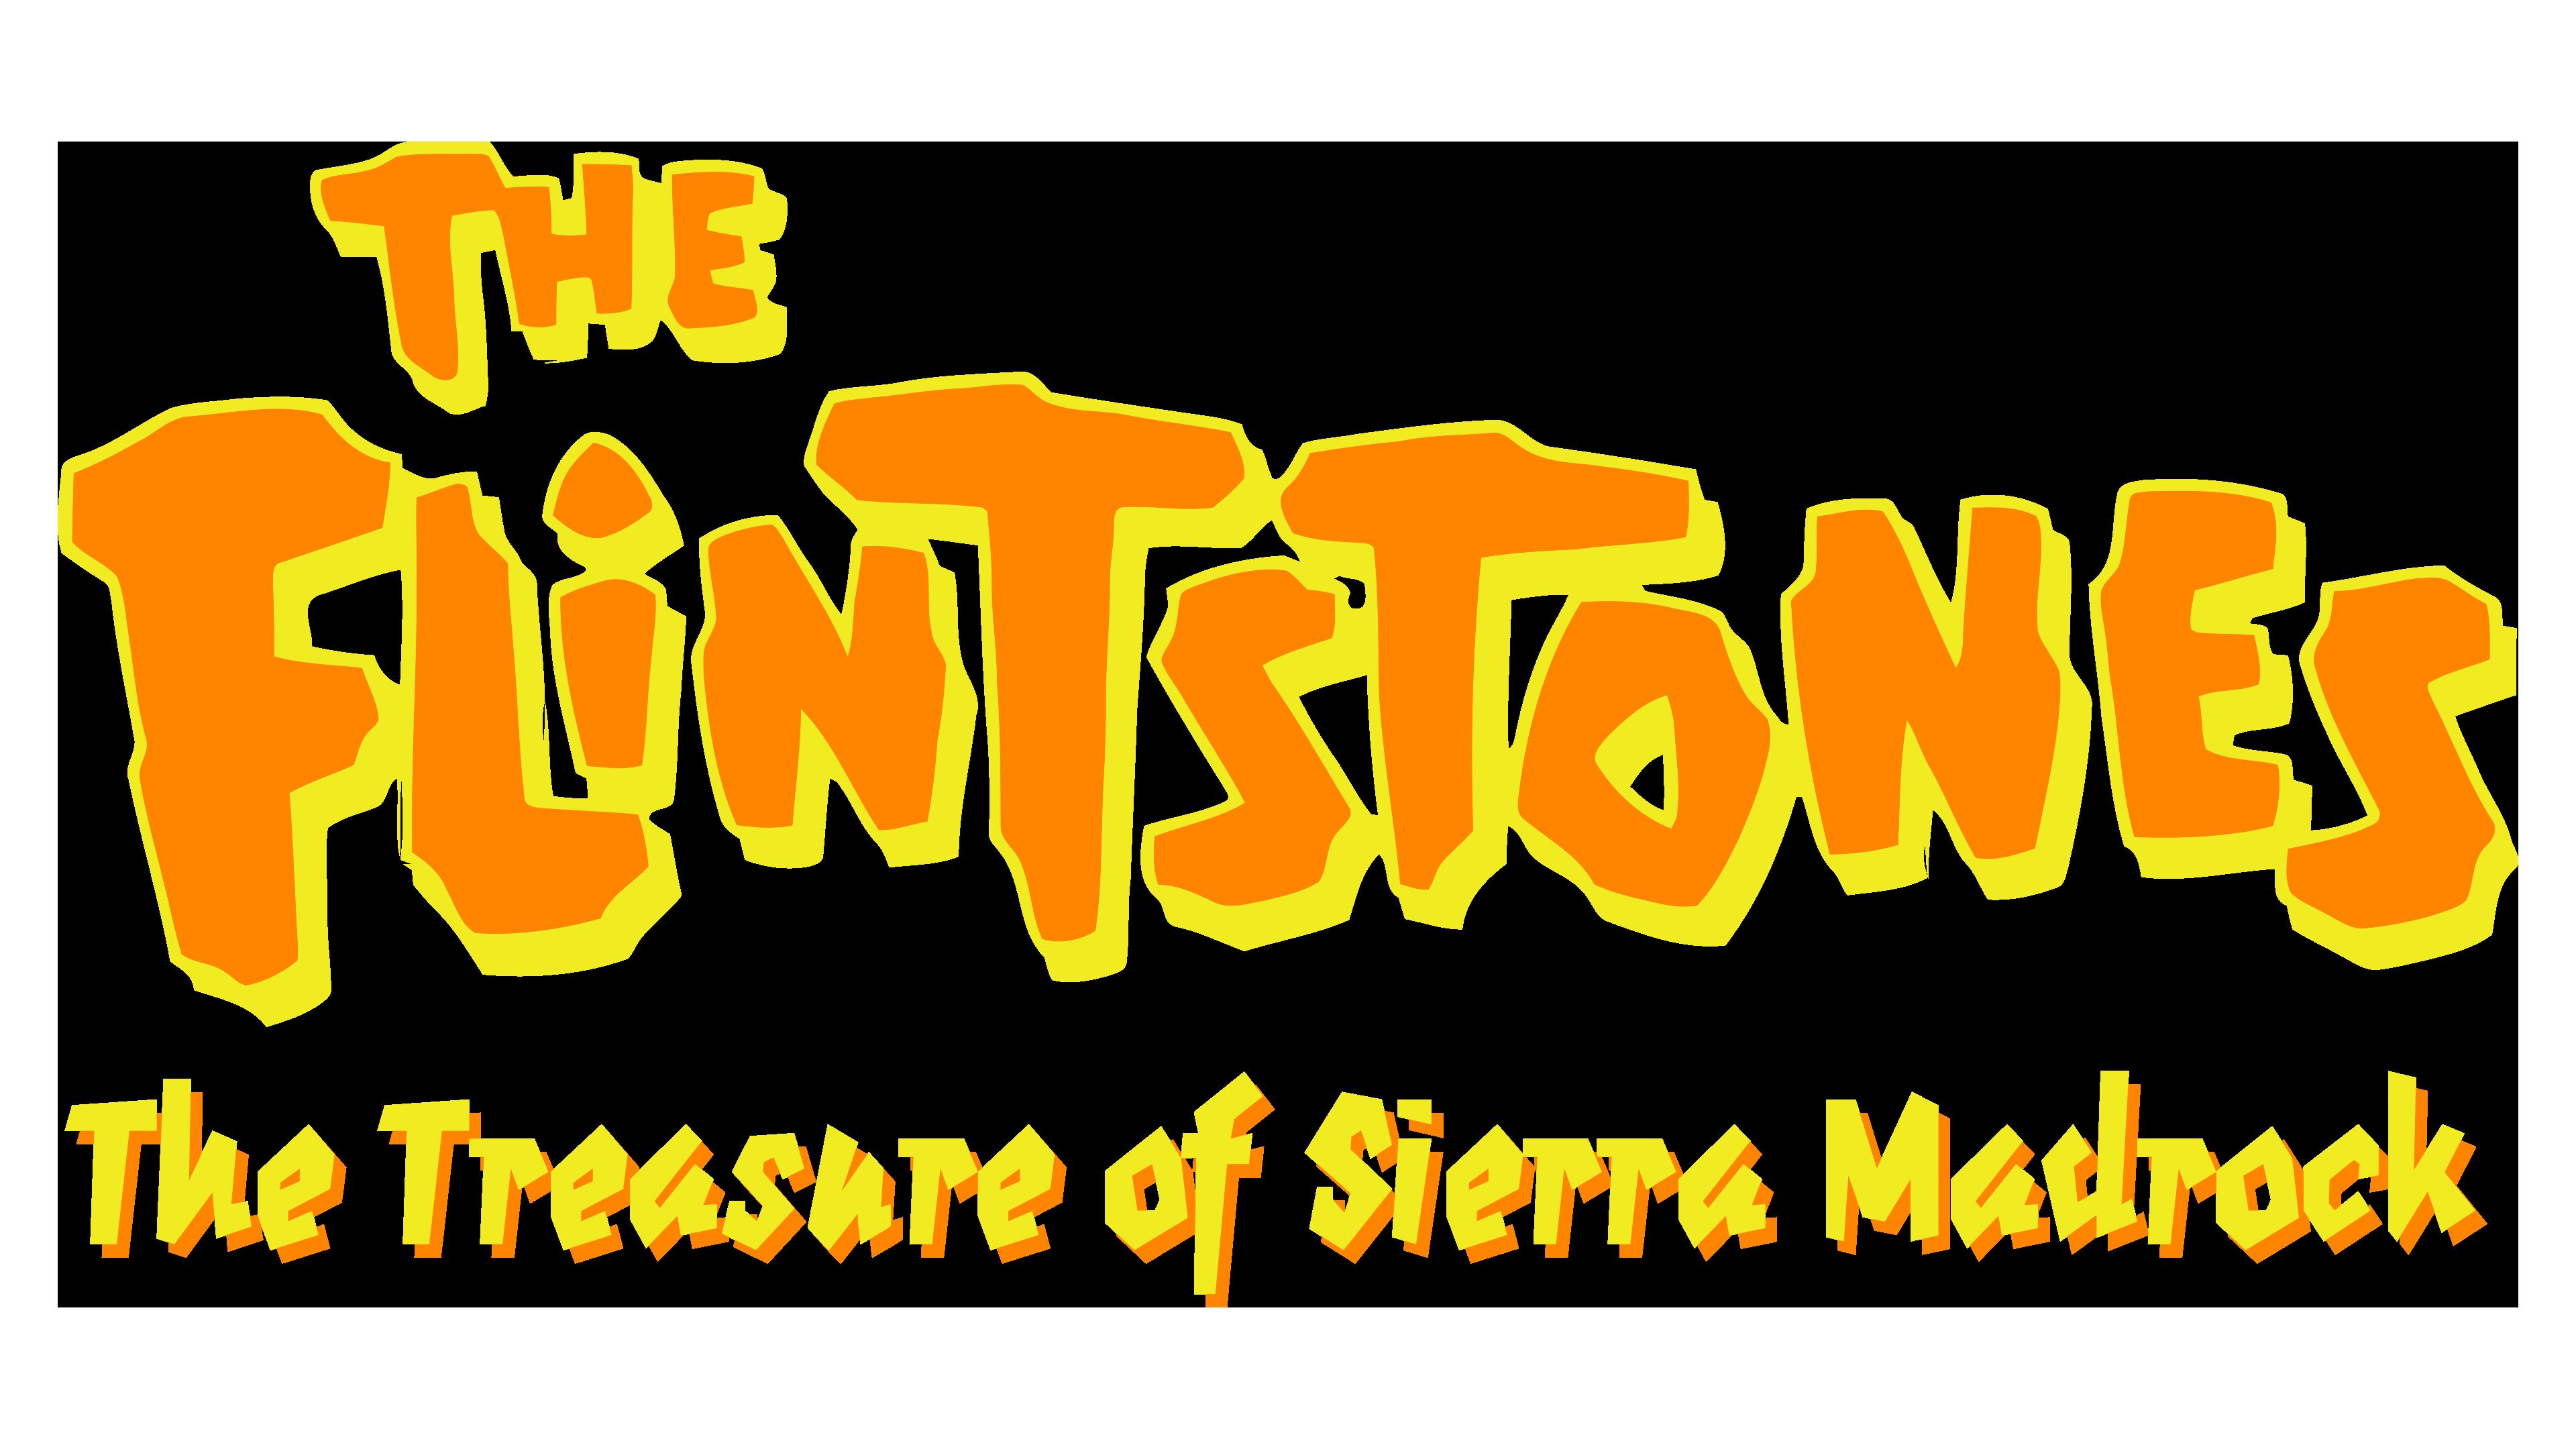 The Flintstones The Treasure Of Sierra Madrock Details